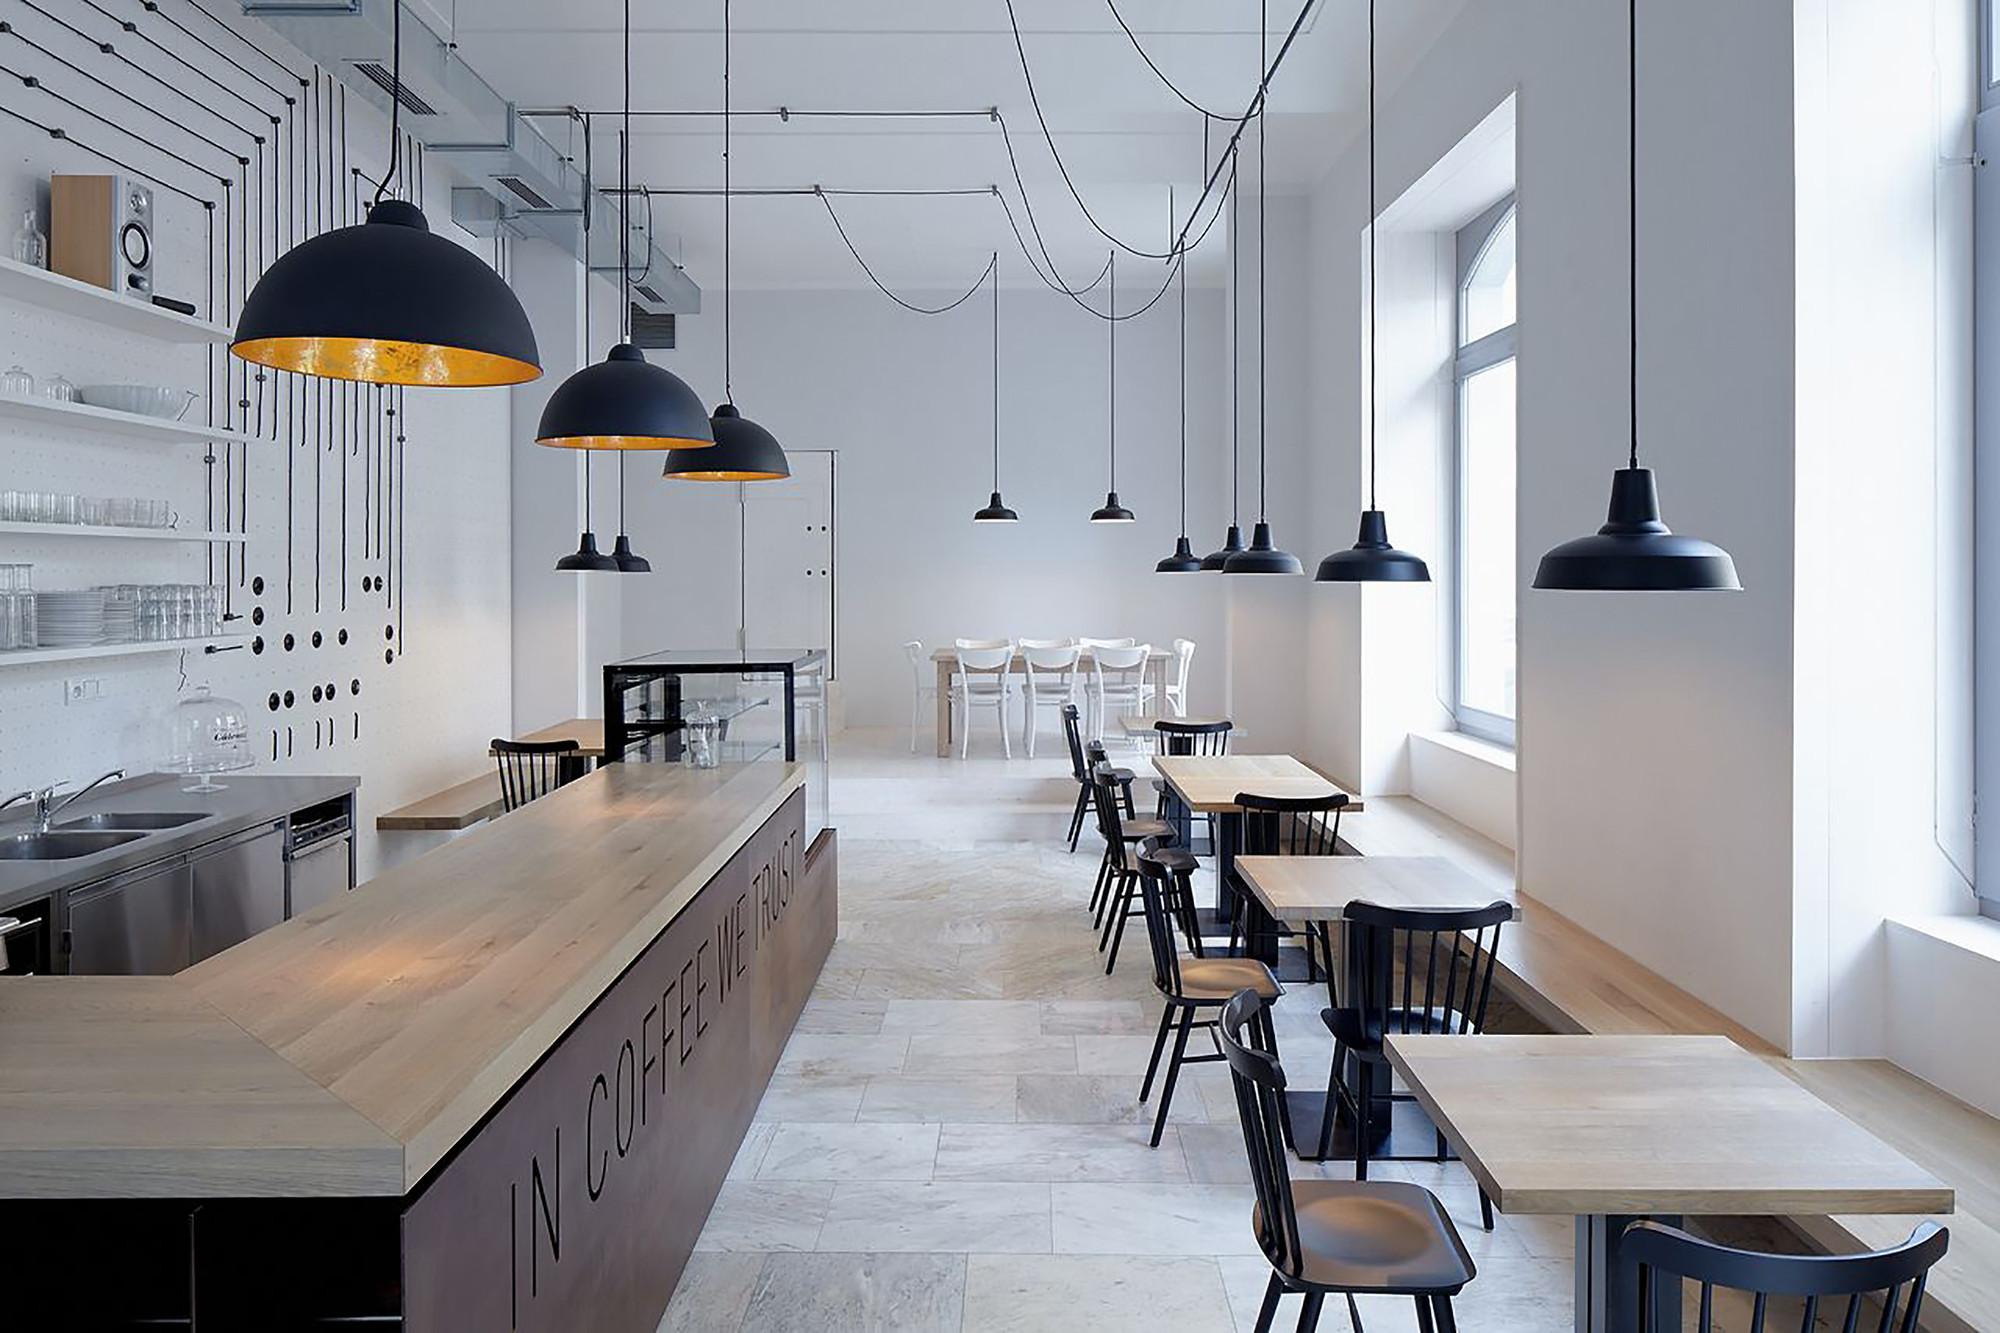 Proti Proudu Bistro / Mimosa architekti | ArchDaily